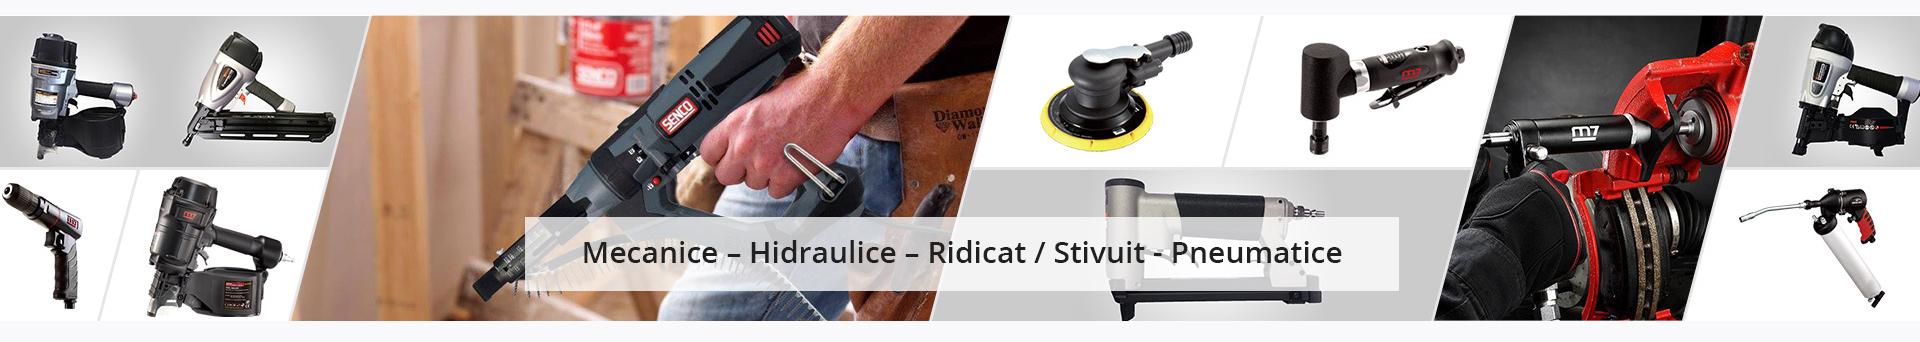 Mecanice – Hidraulice – Ridicat / Stivuit - Pneumatice